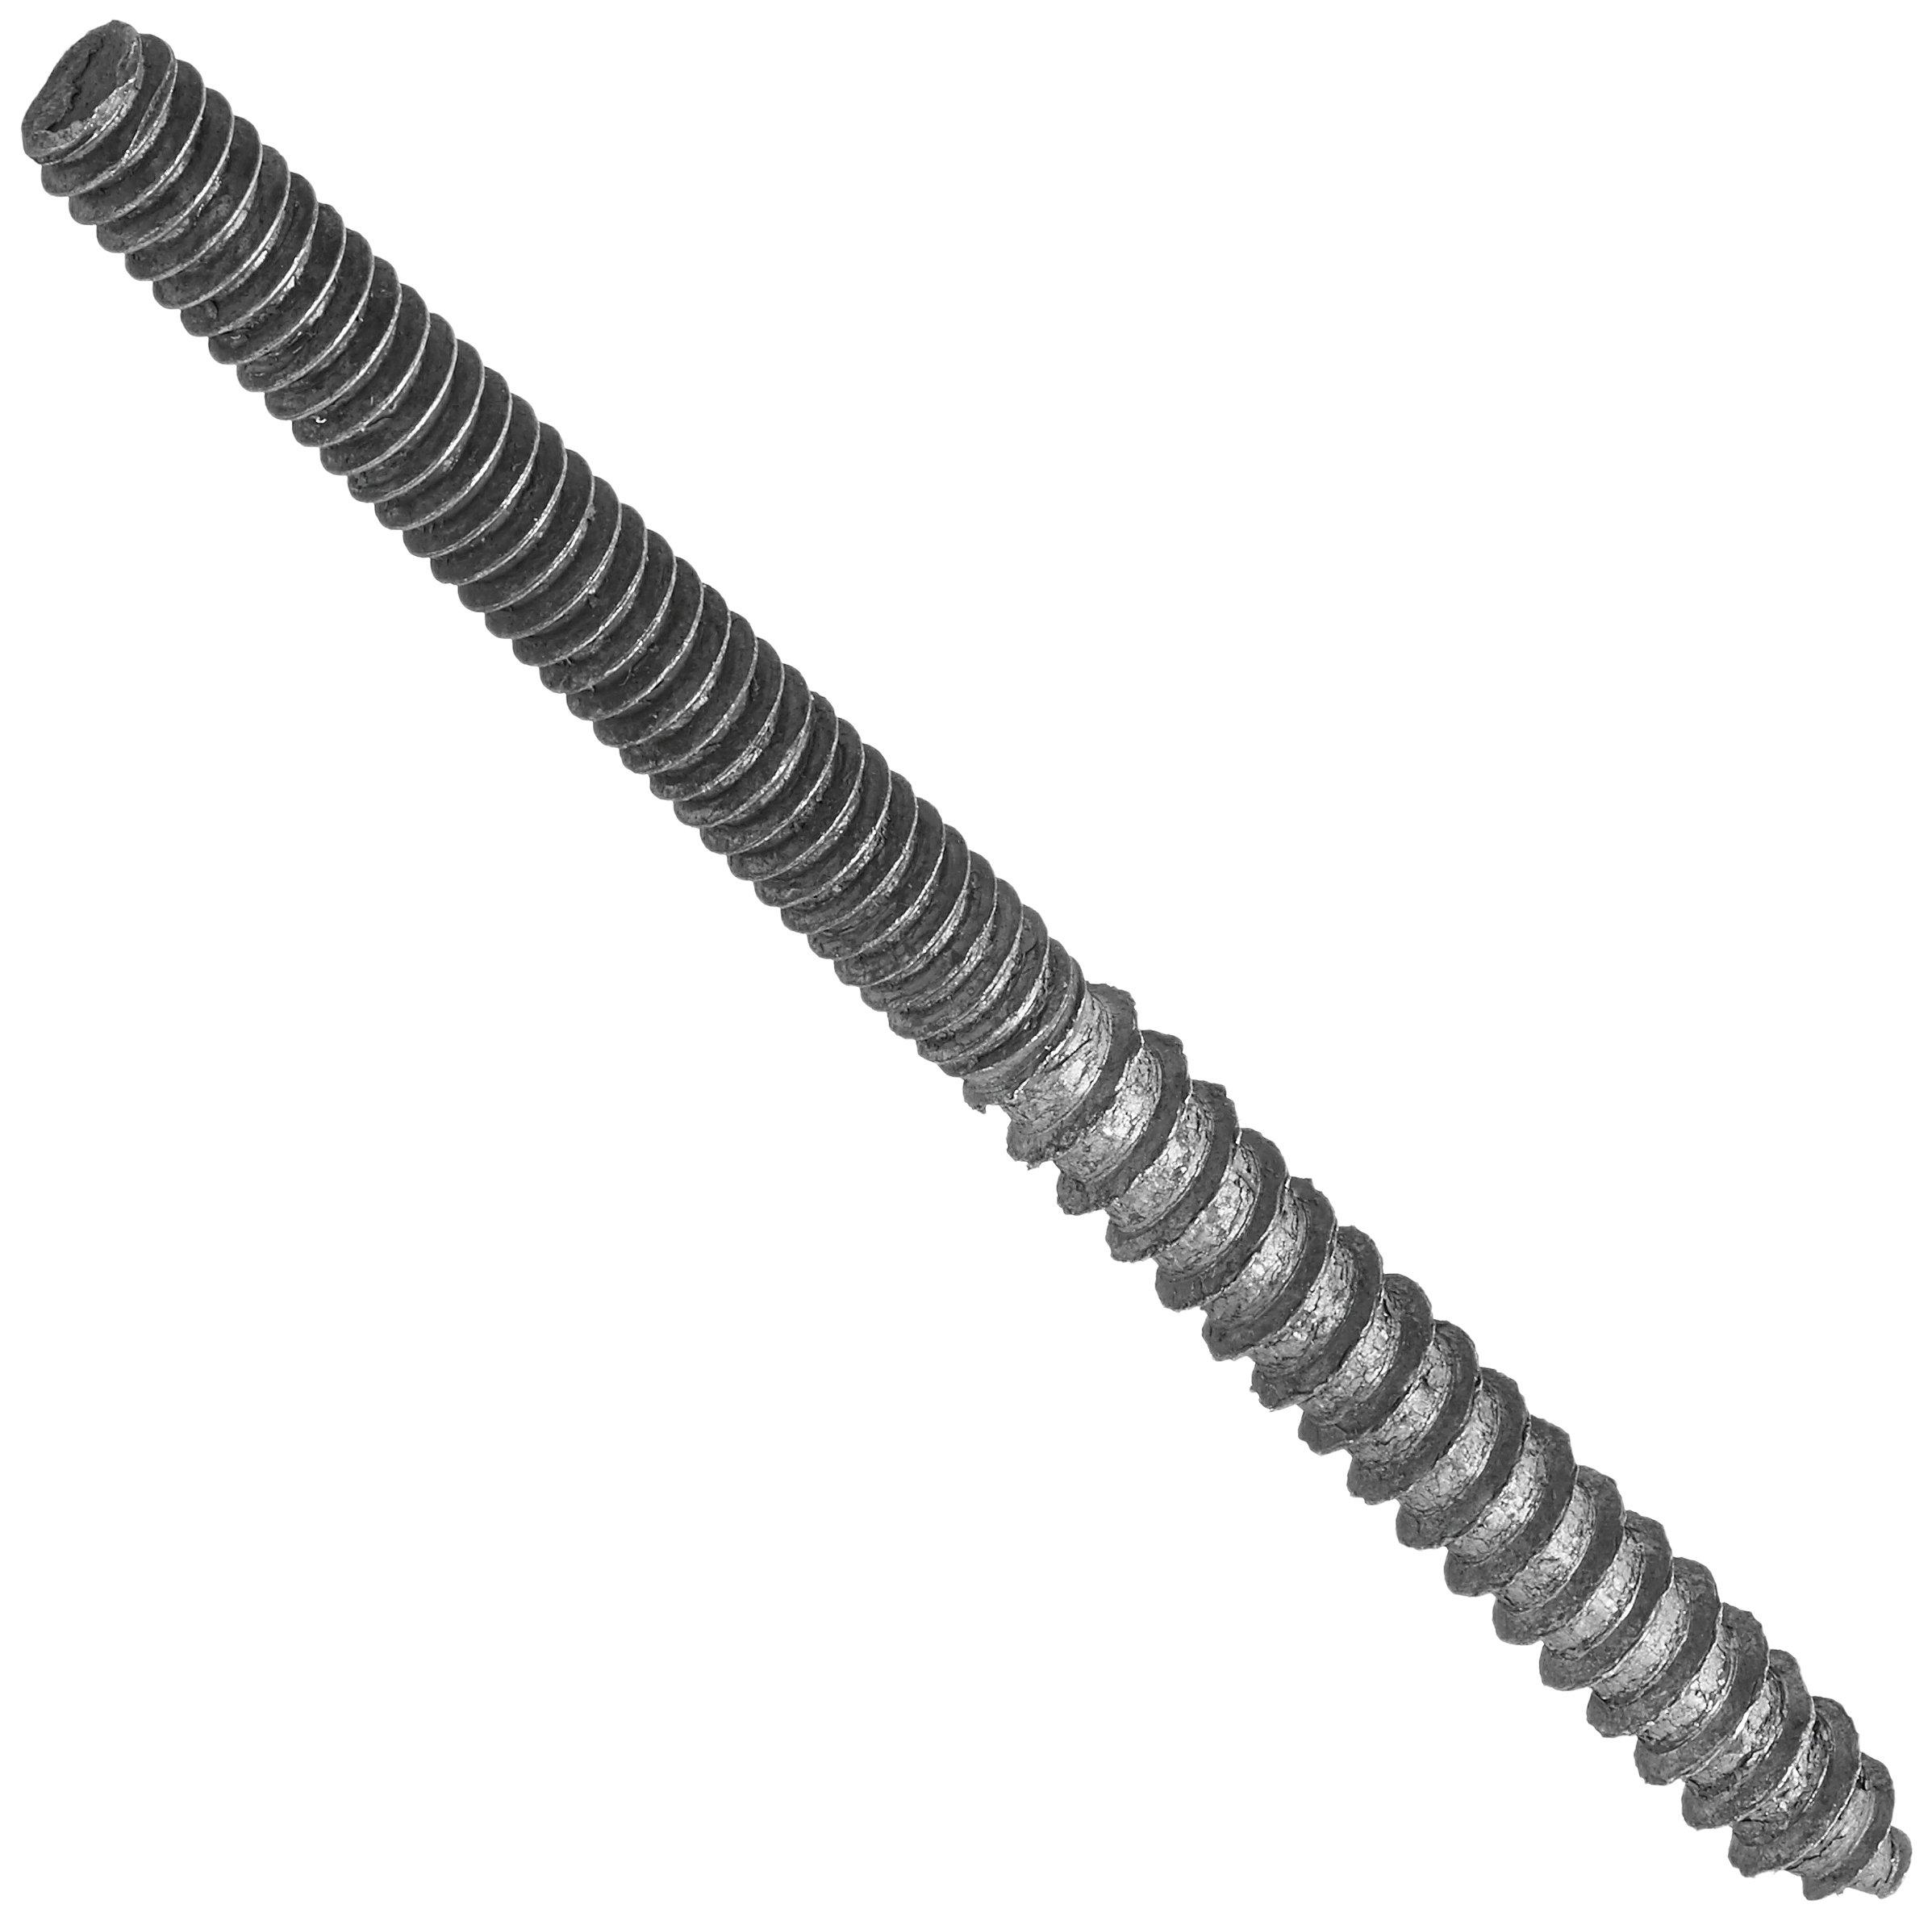 Hard-to-Find Fastener 014973348694 Hanger Bolts, 10-24 x 3, Piece-12 by Hard-to-Find Fastener